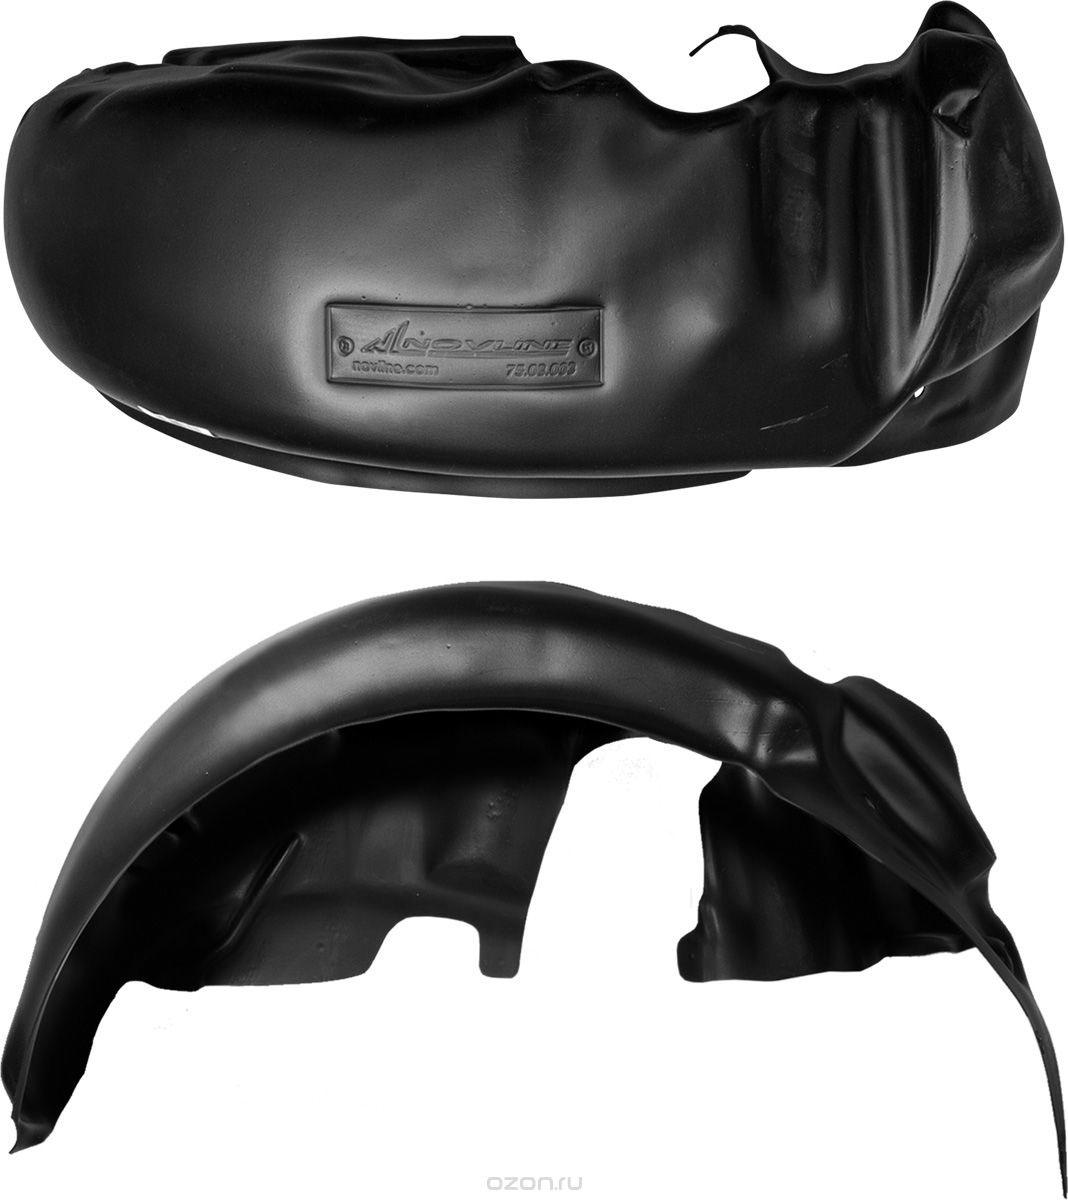 Подкрылок Novline-Autofamily, для PEUGEOT Boxer 2006-2014, без расширителей арок, передний правыйVT-1840-BKИдеальная защита колесной ниши. Локеры разработаны с применением цифровых технологий, гарантируют максимальную повторяемость поверхности арки. Изделия устанавливаются без нарушения лакокрасочного покрытия автомобиля, каждый подкрылок комплектуется крепежом. Уважаемые клиенты, обращаем ваше внимание, что фотографии на подкрылки универсальные и не отражают реальную форму изделия. При этом само изделие идет точно под размер указанного автомобиля.